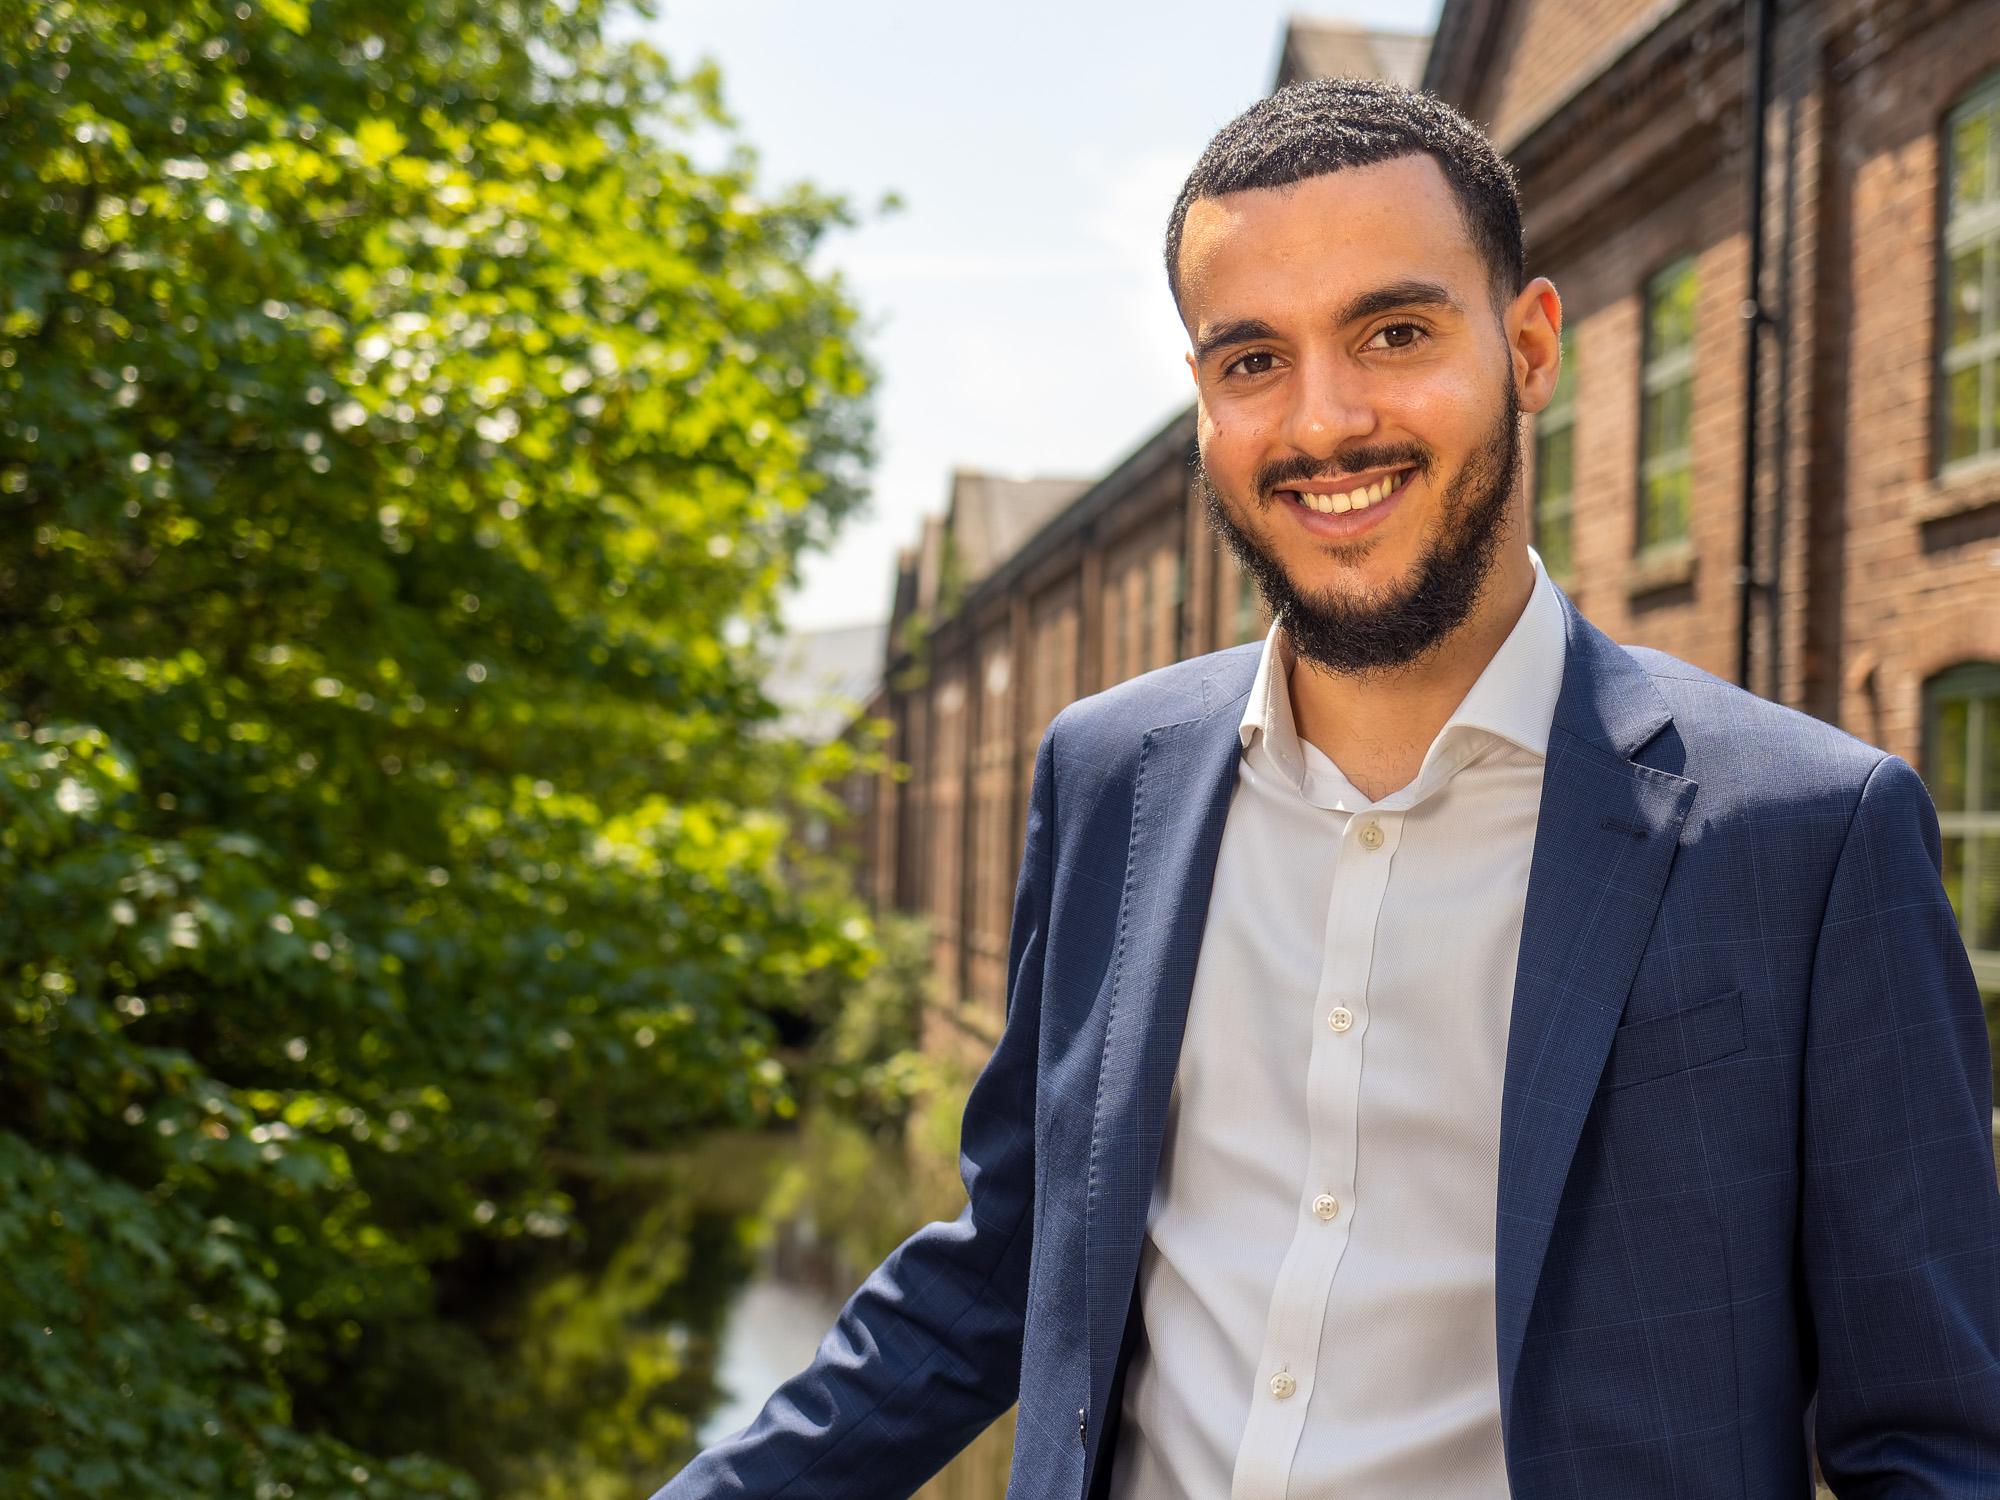 Tyrone Alexander joins Bridge Help's growing regional BDM team